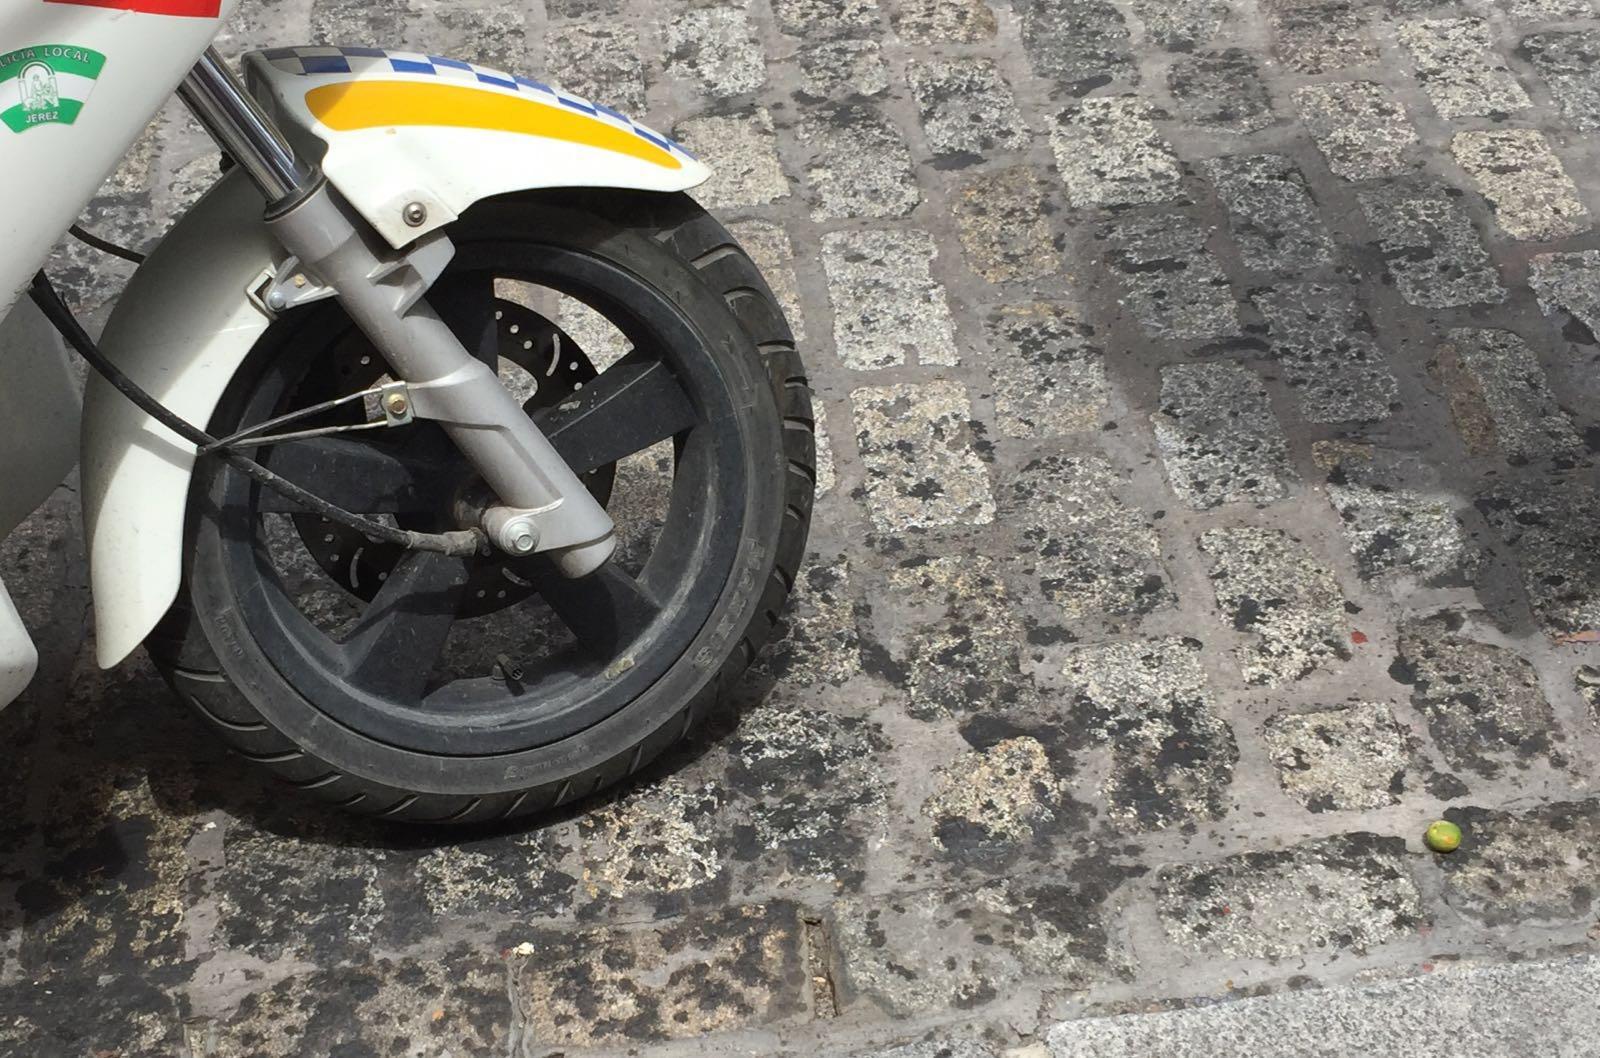 accidente moto calle larga 4